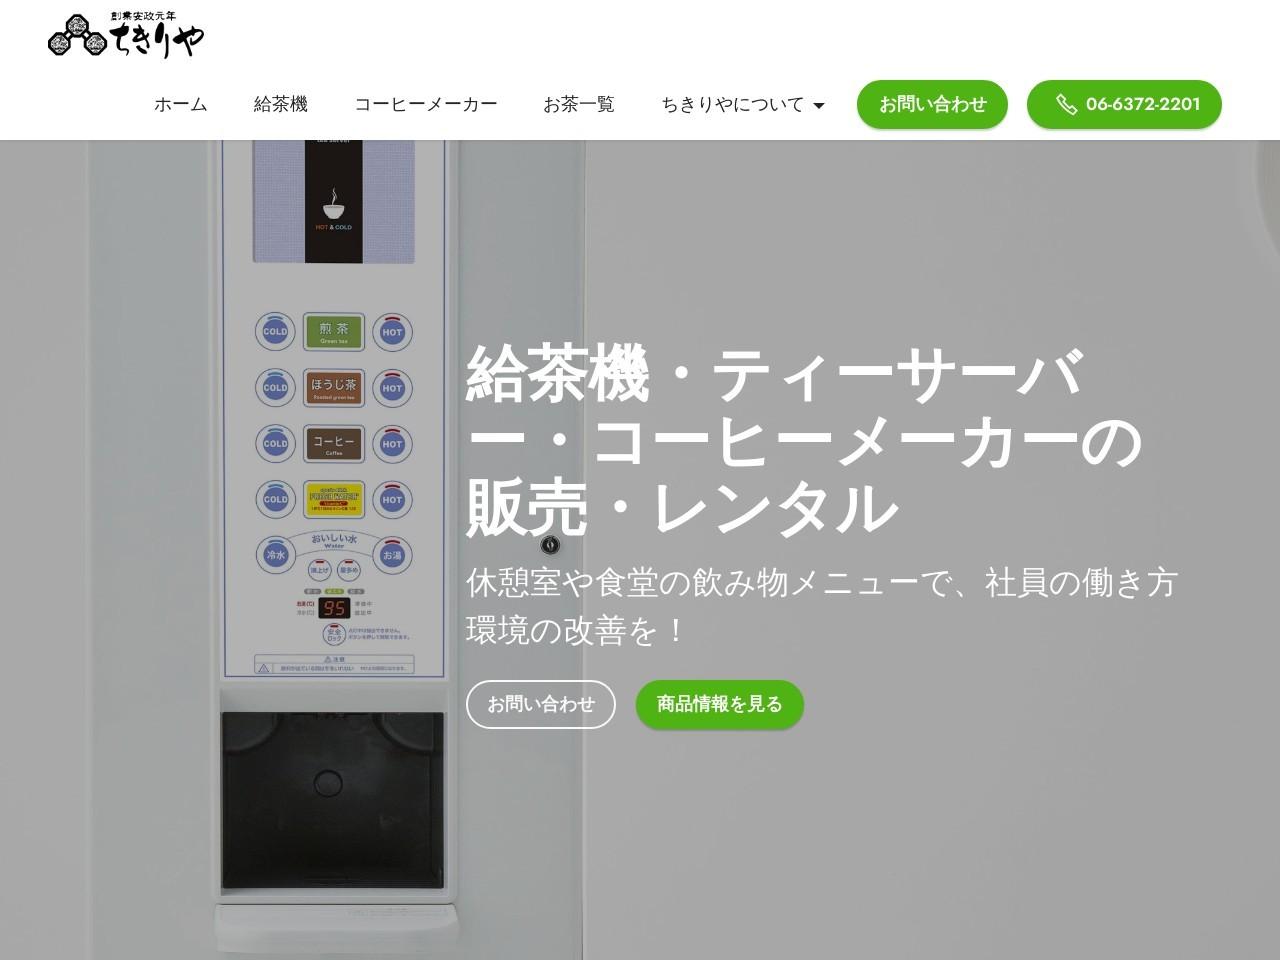 京銘茶 ちきりや 関西茶業株式会社| トップページ